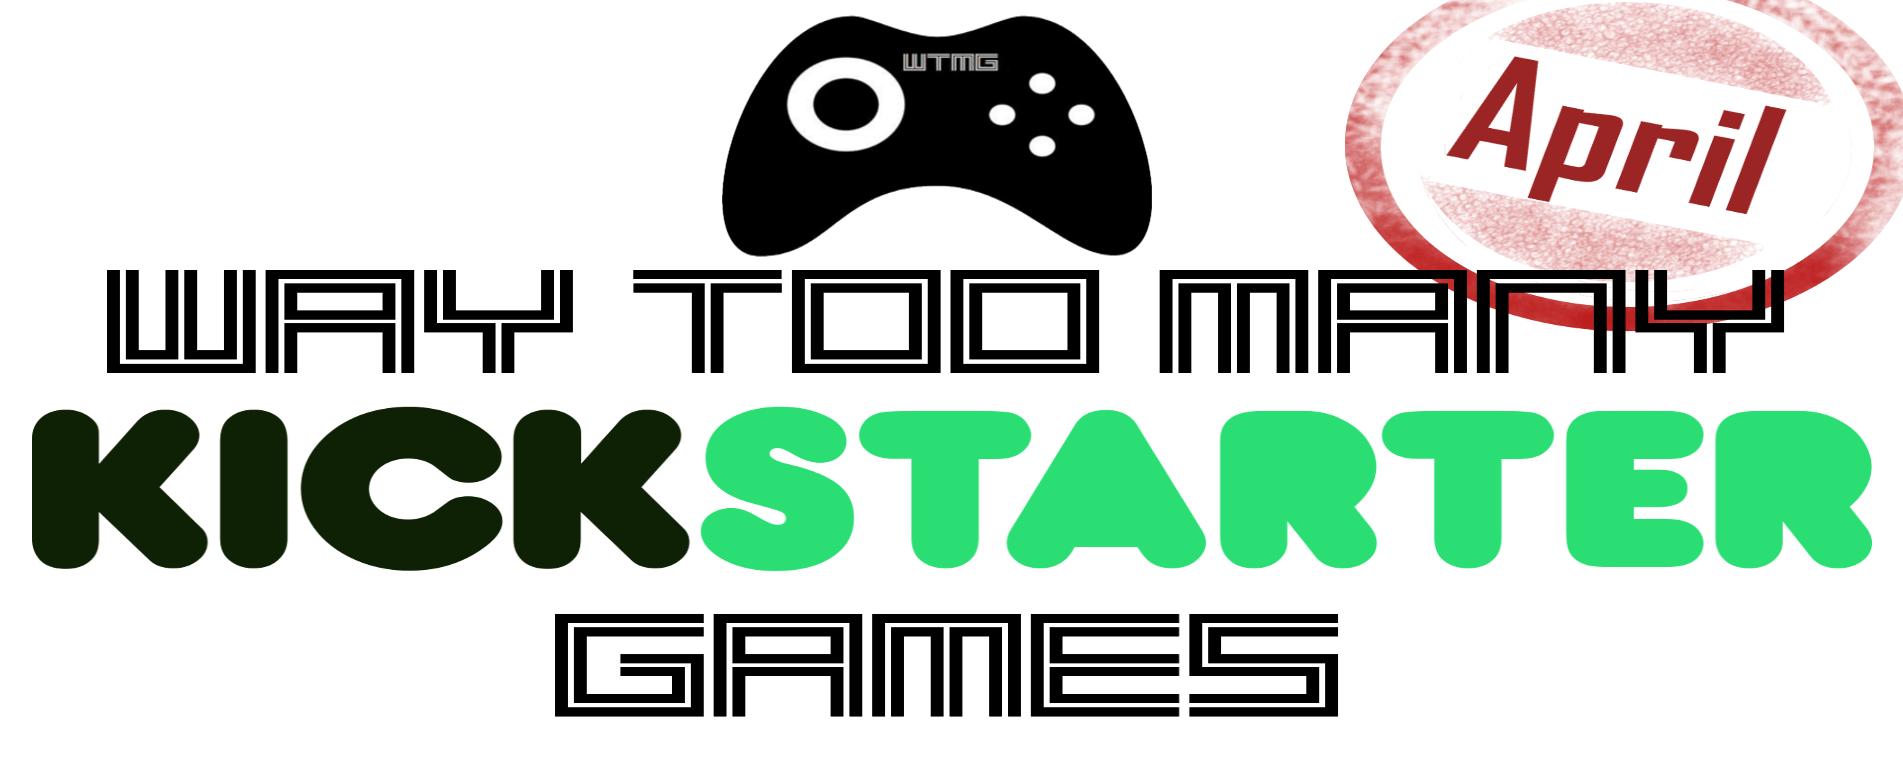 Kickstarter Roundup - April